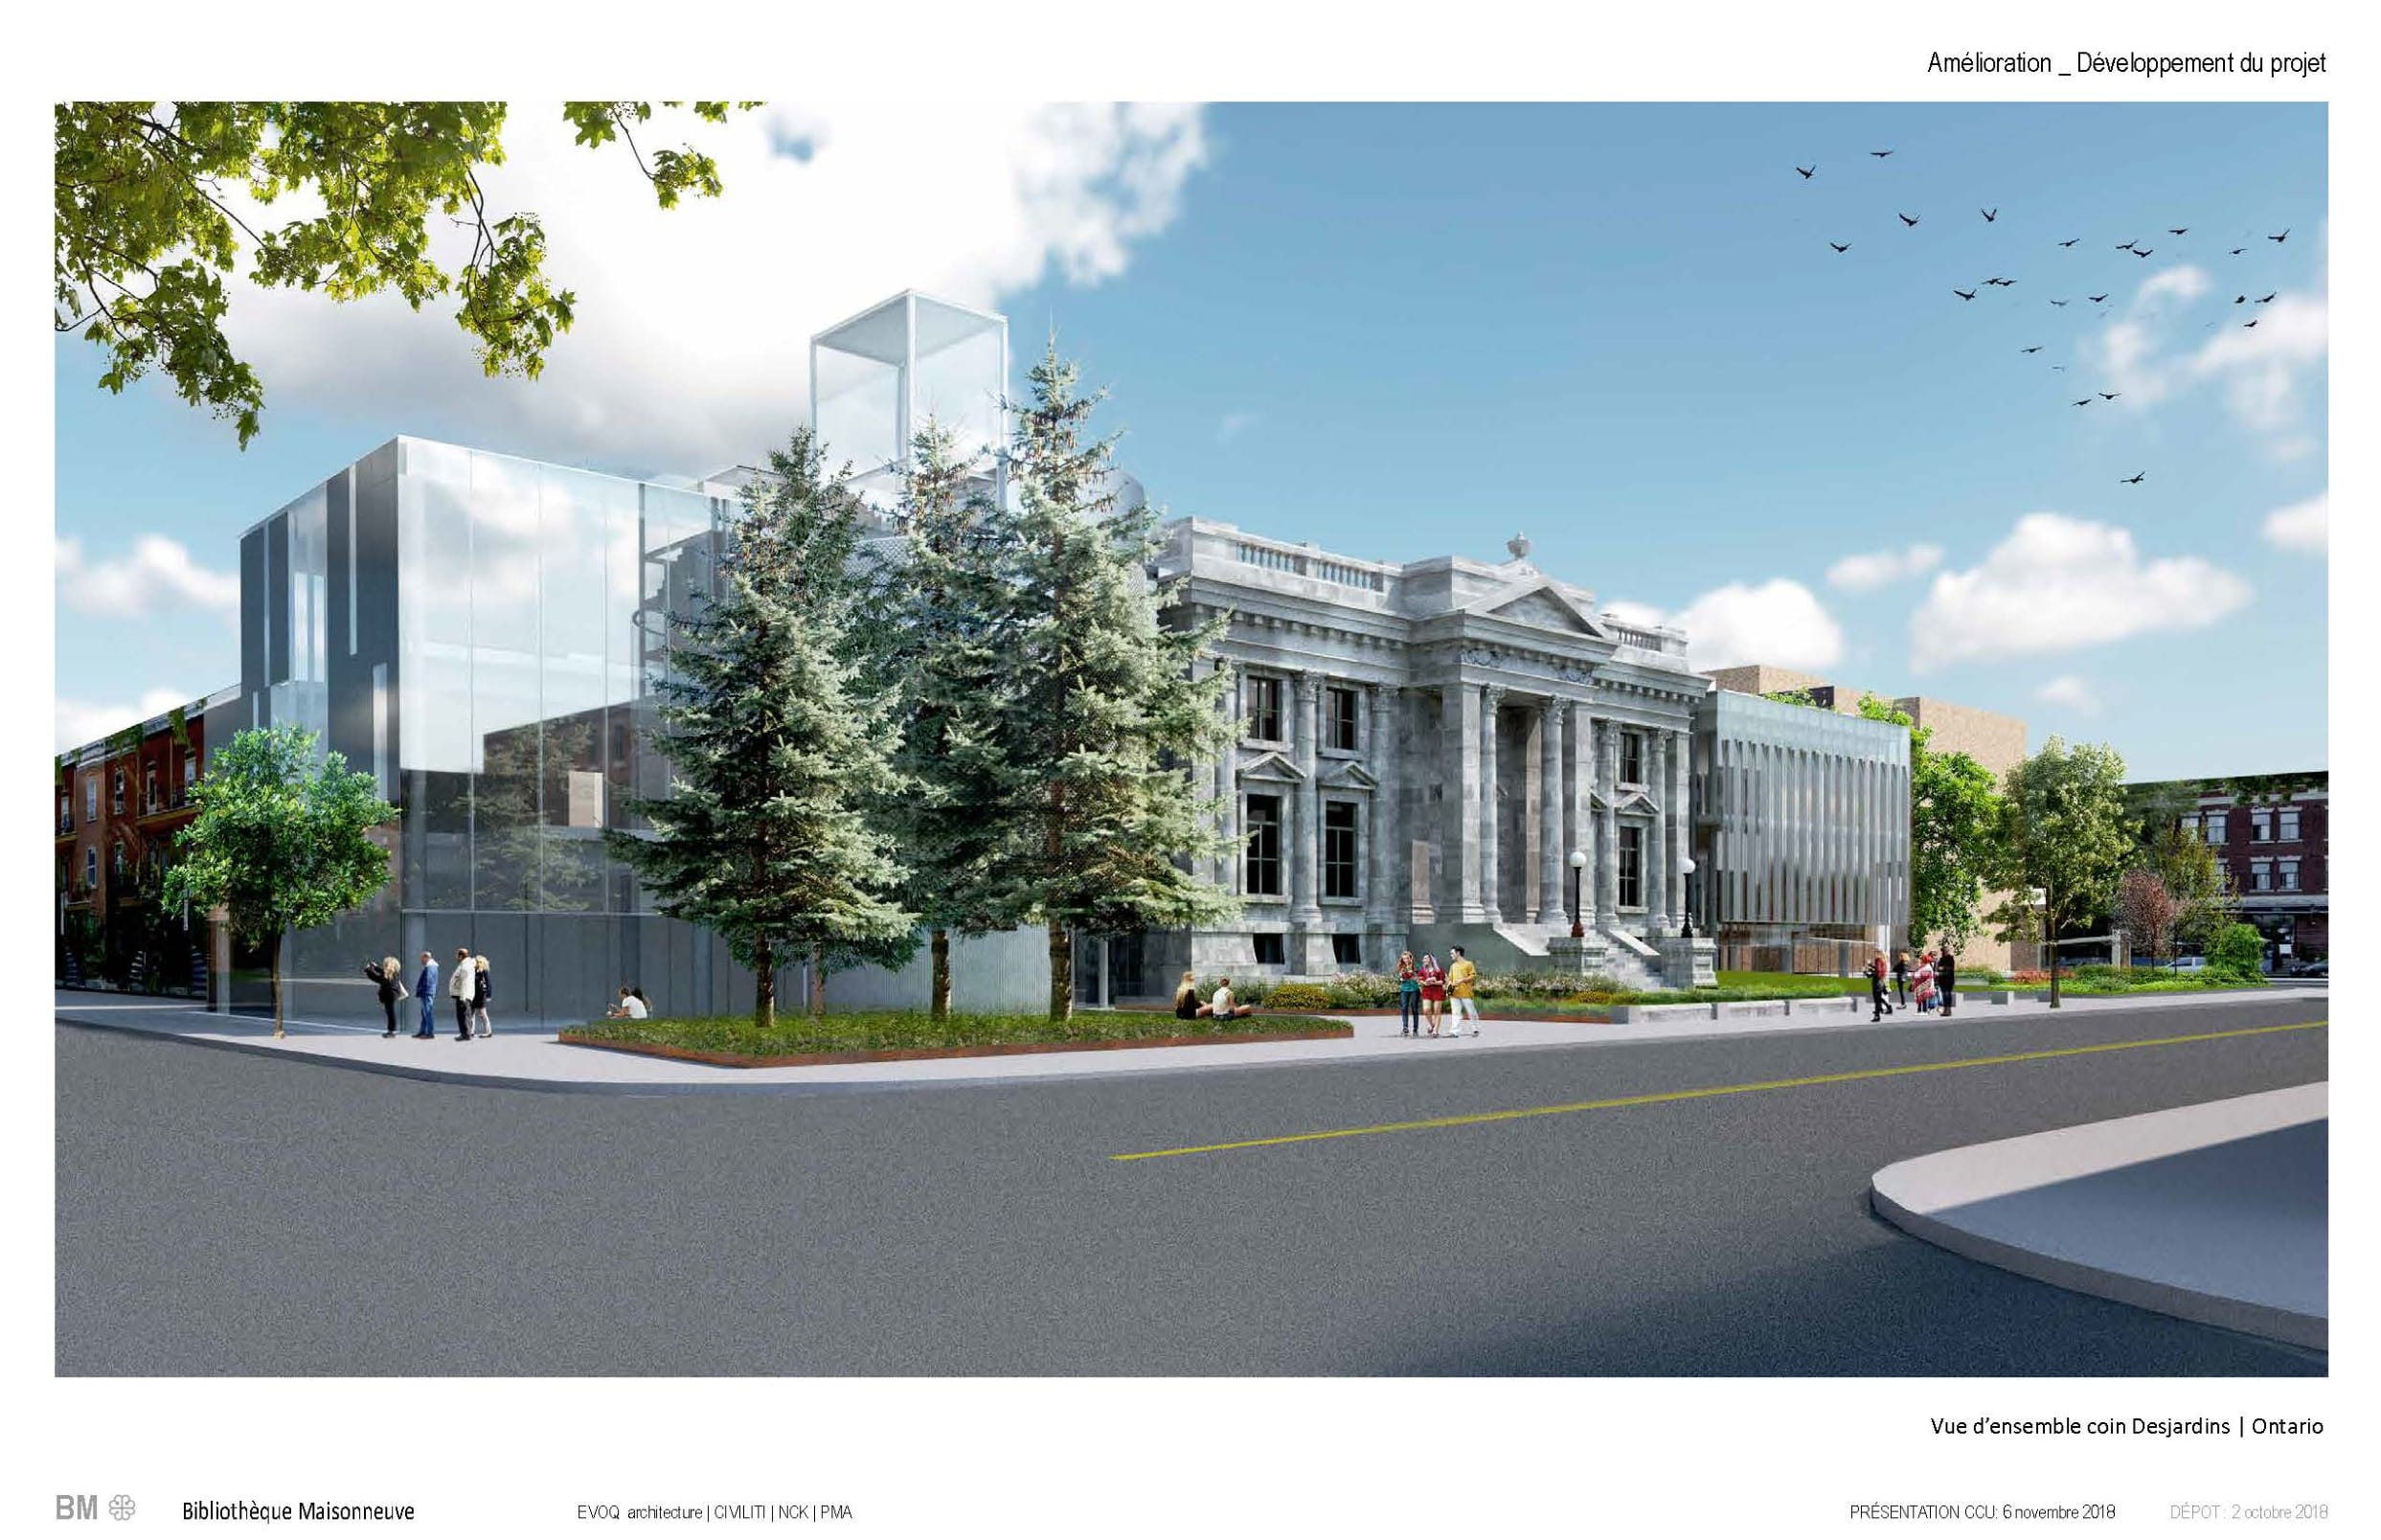 Vue de la future bibliothèque Maisonneuve, angle Desjardins et Ontario